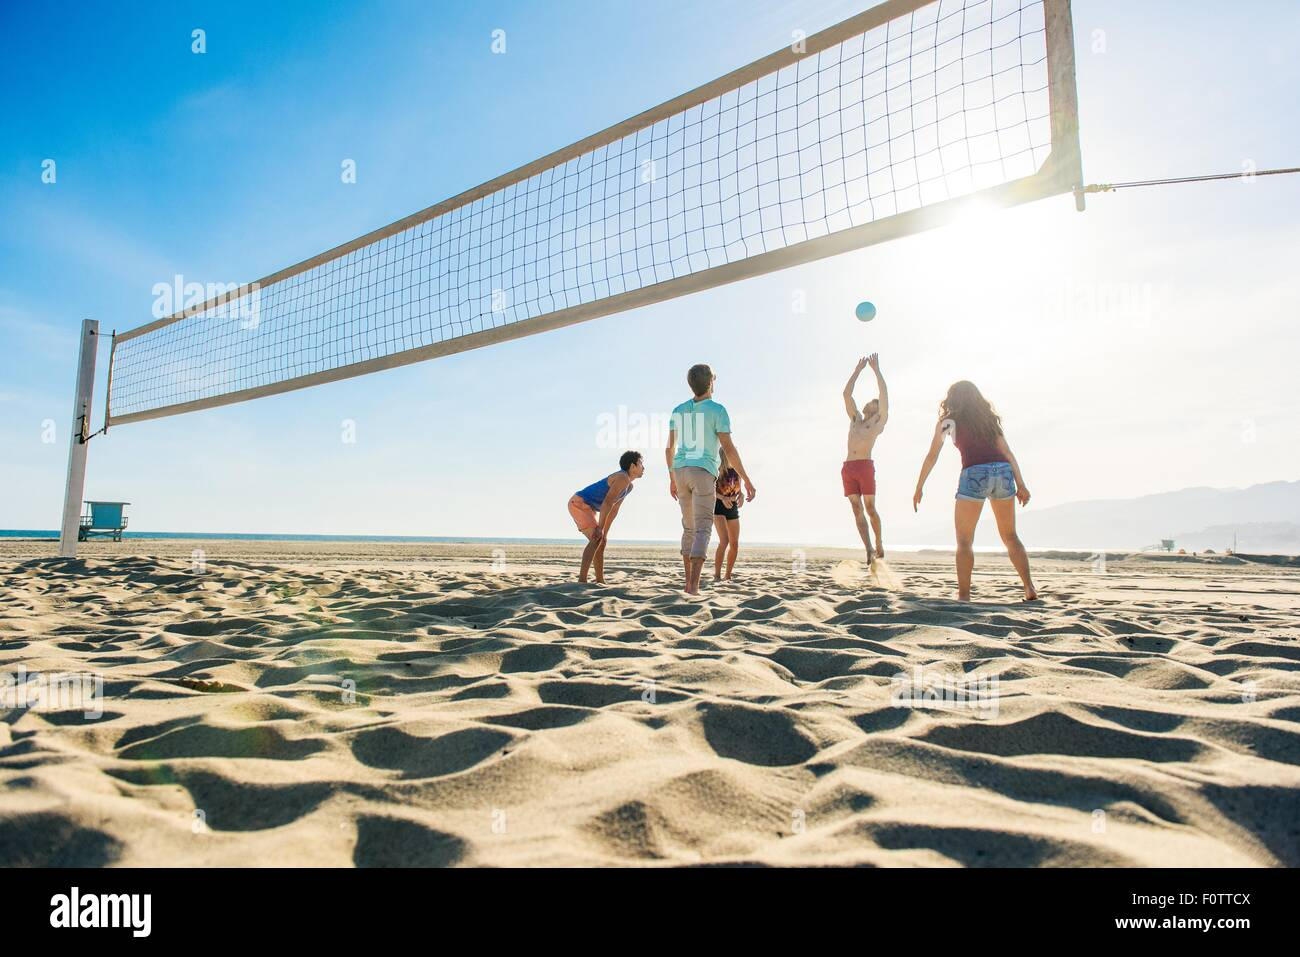 Groupe d'amis jouer au volley-ball sur plage Banque D'Images